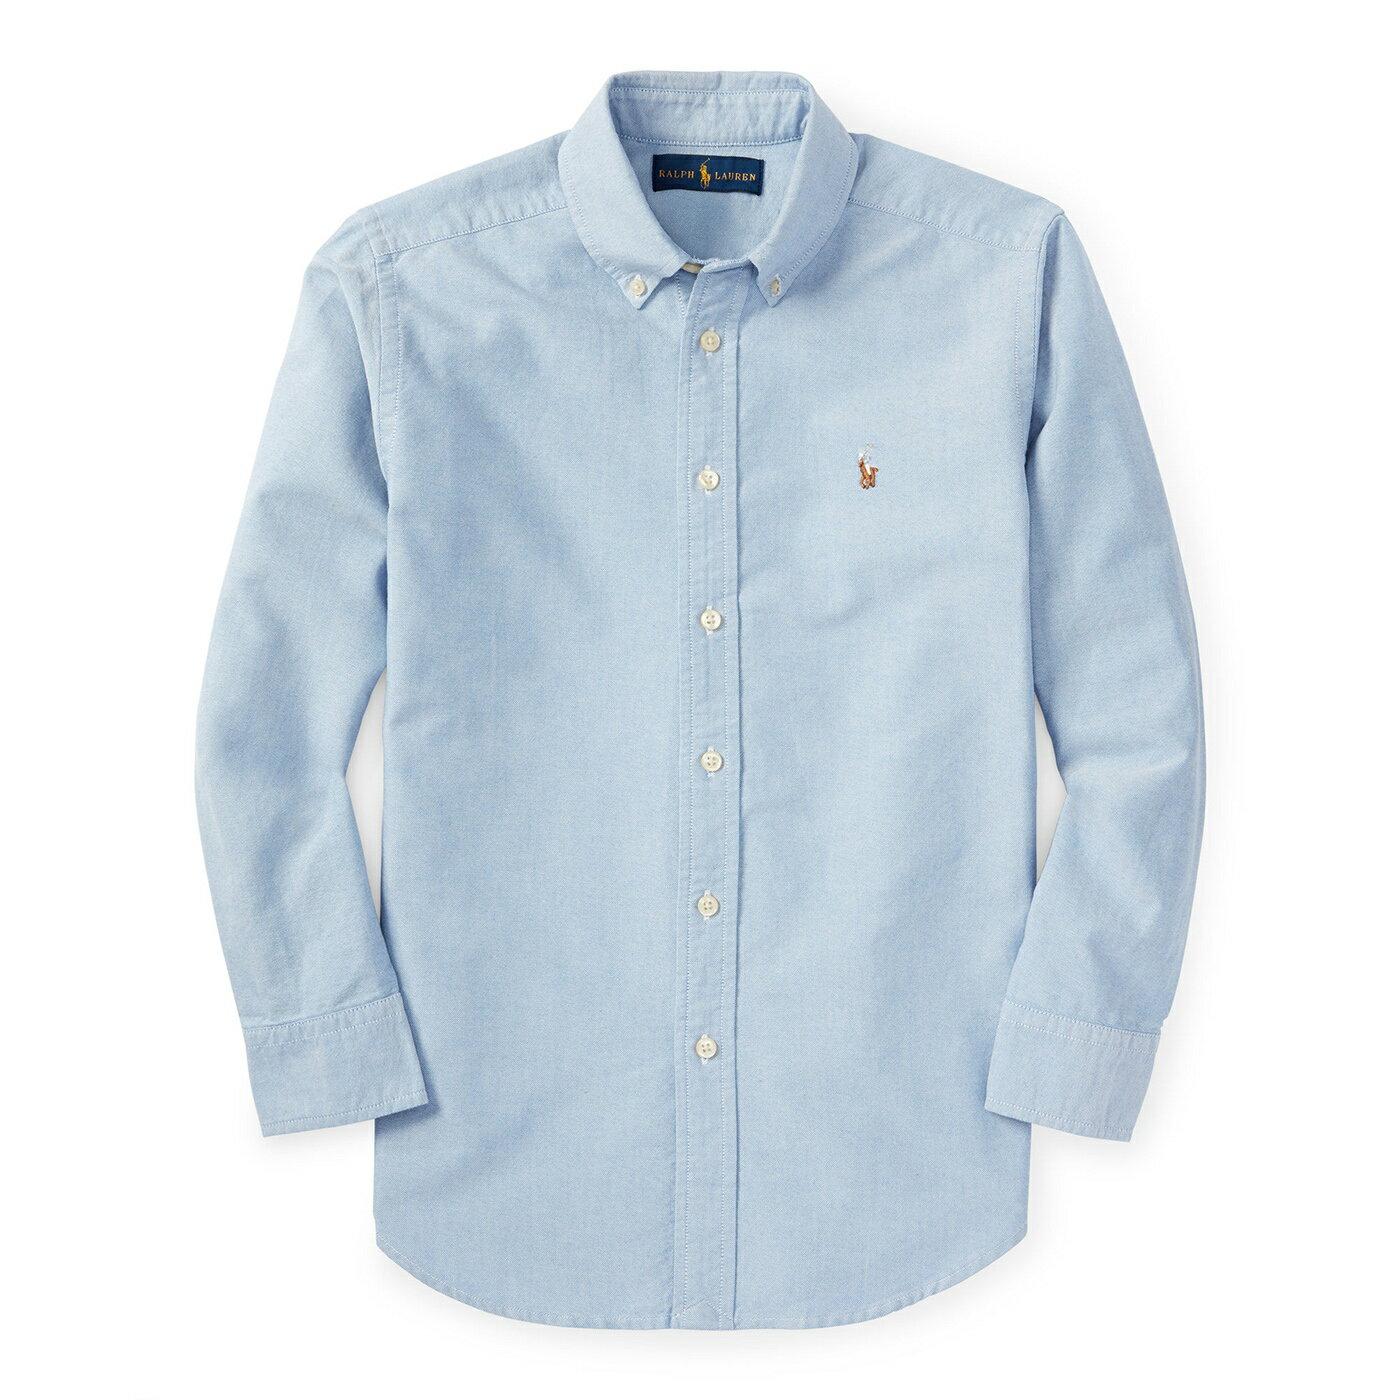 美國百分百【Ralph Lauren】RL 彩馬 小馬 牛津 長袖 襯衫 polo 素面 淡藍色 上衣 男 女 XS、S號 B016